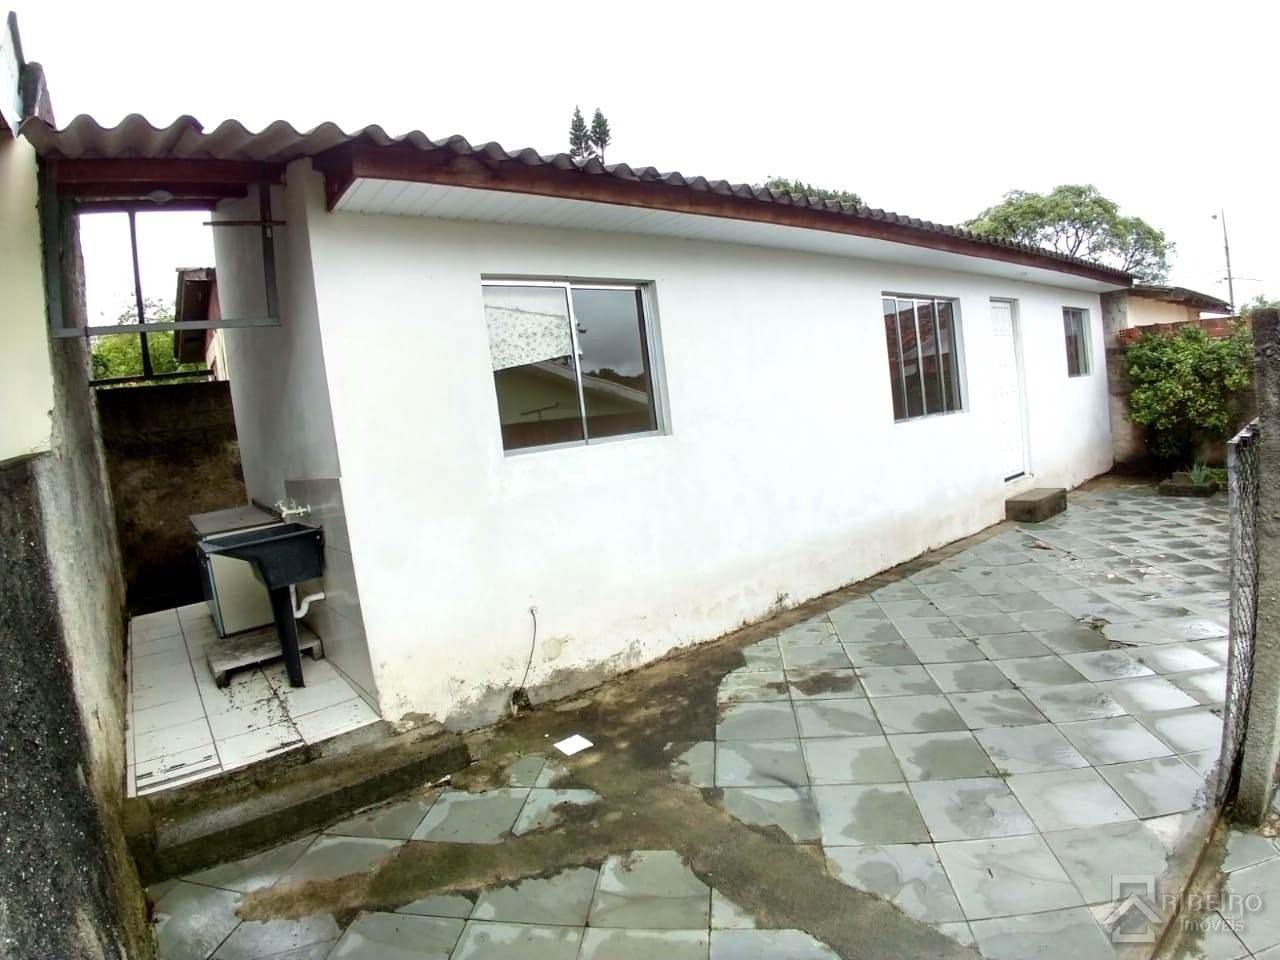 REF. 7881 -  Sao Jose Dos Pinhais - Rua  Francisco Zem, 627